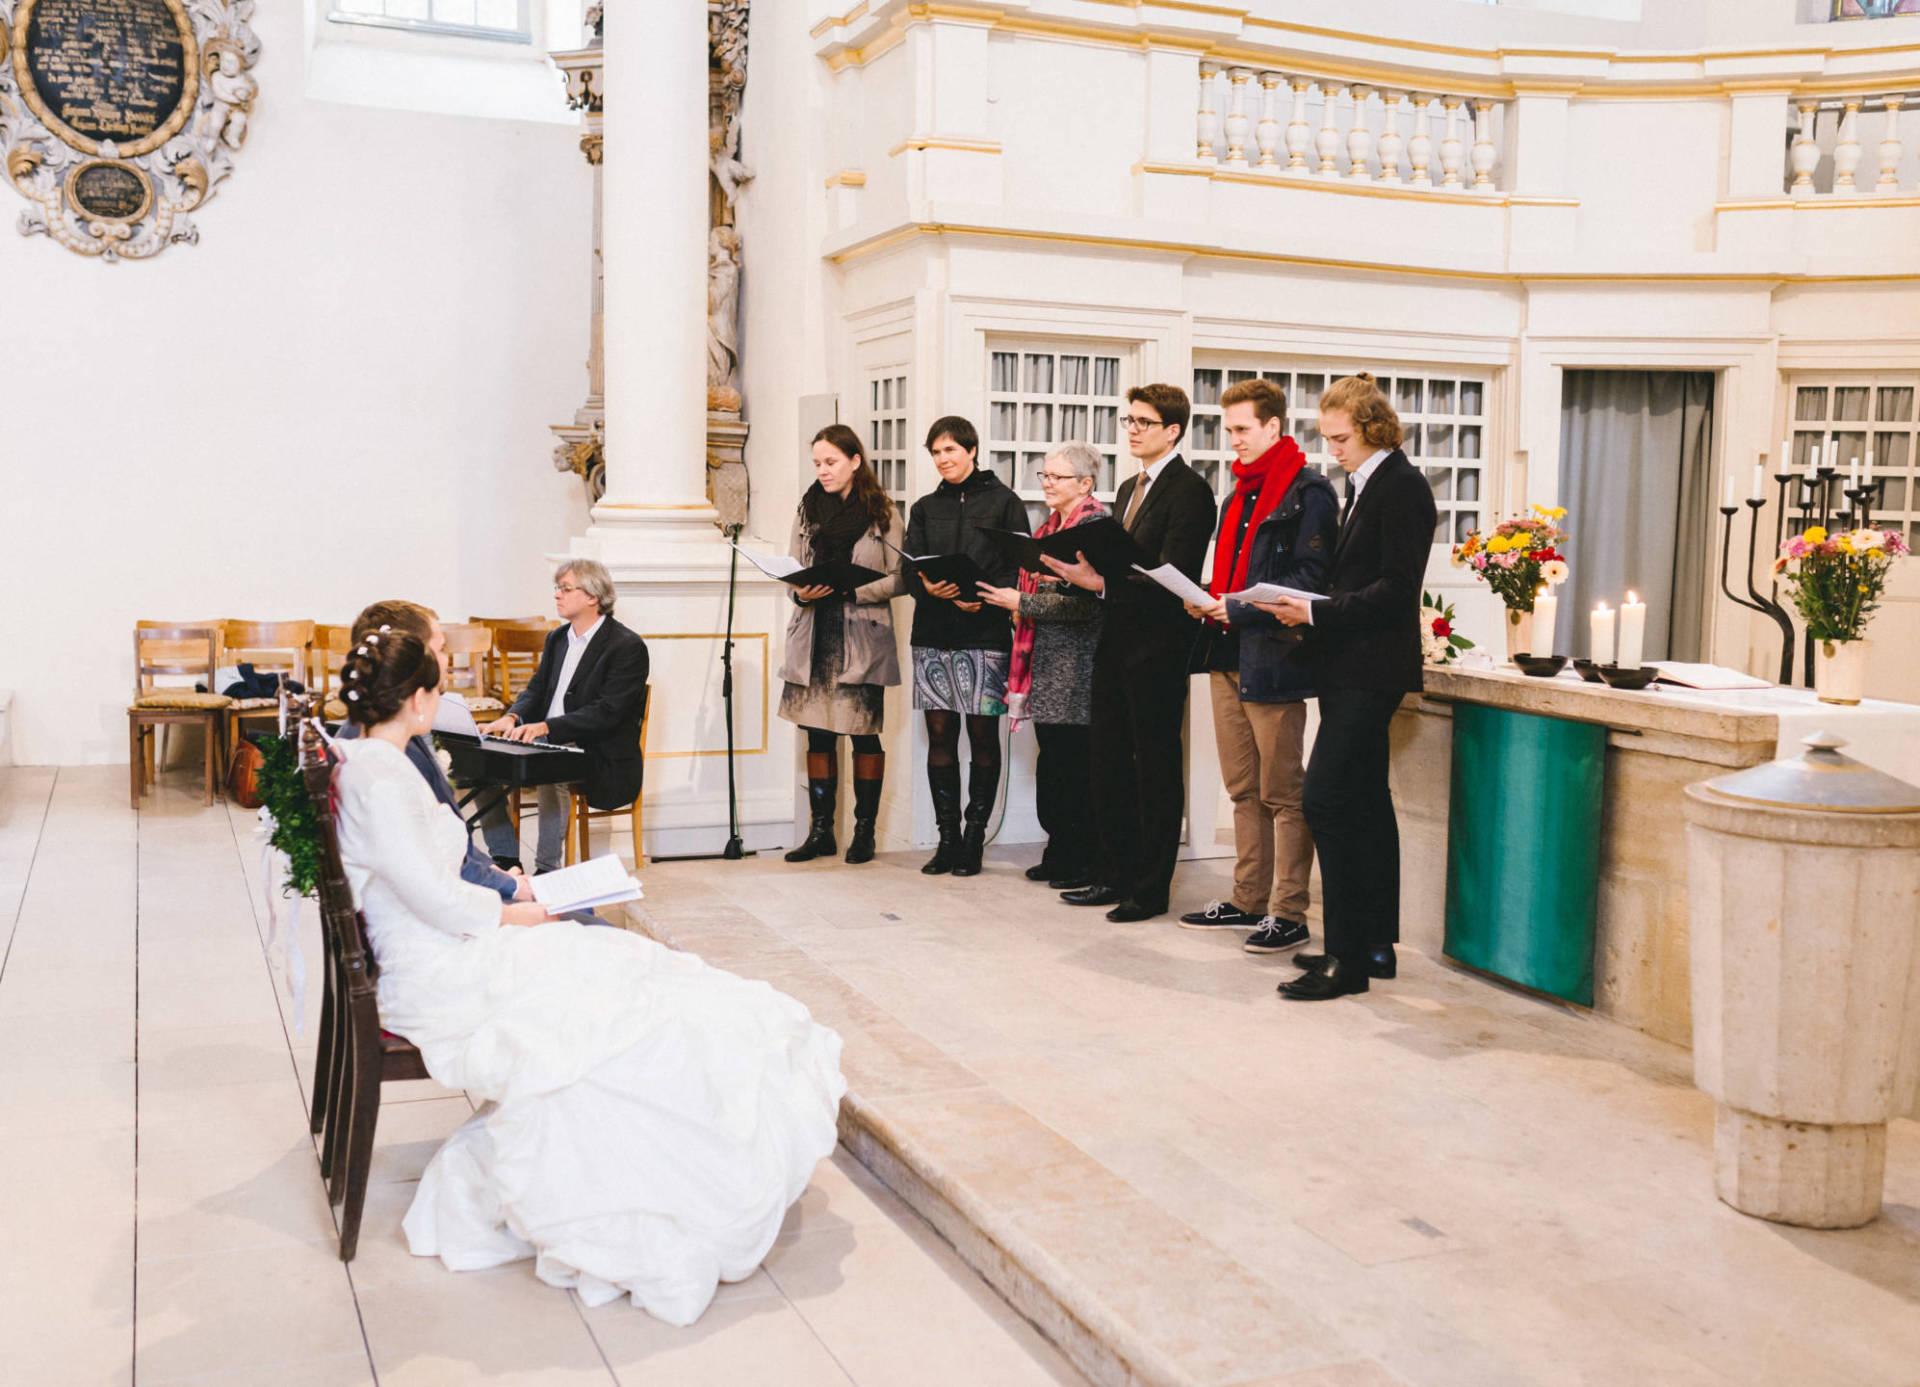 Hochzeitsreportage | Hochzeit im Paradies Jena | 29